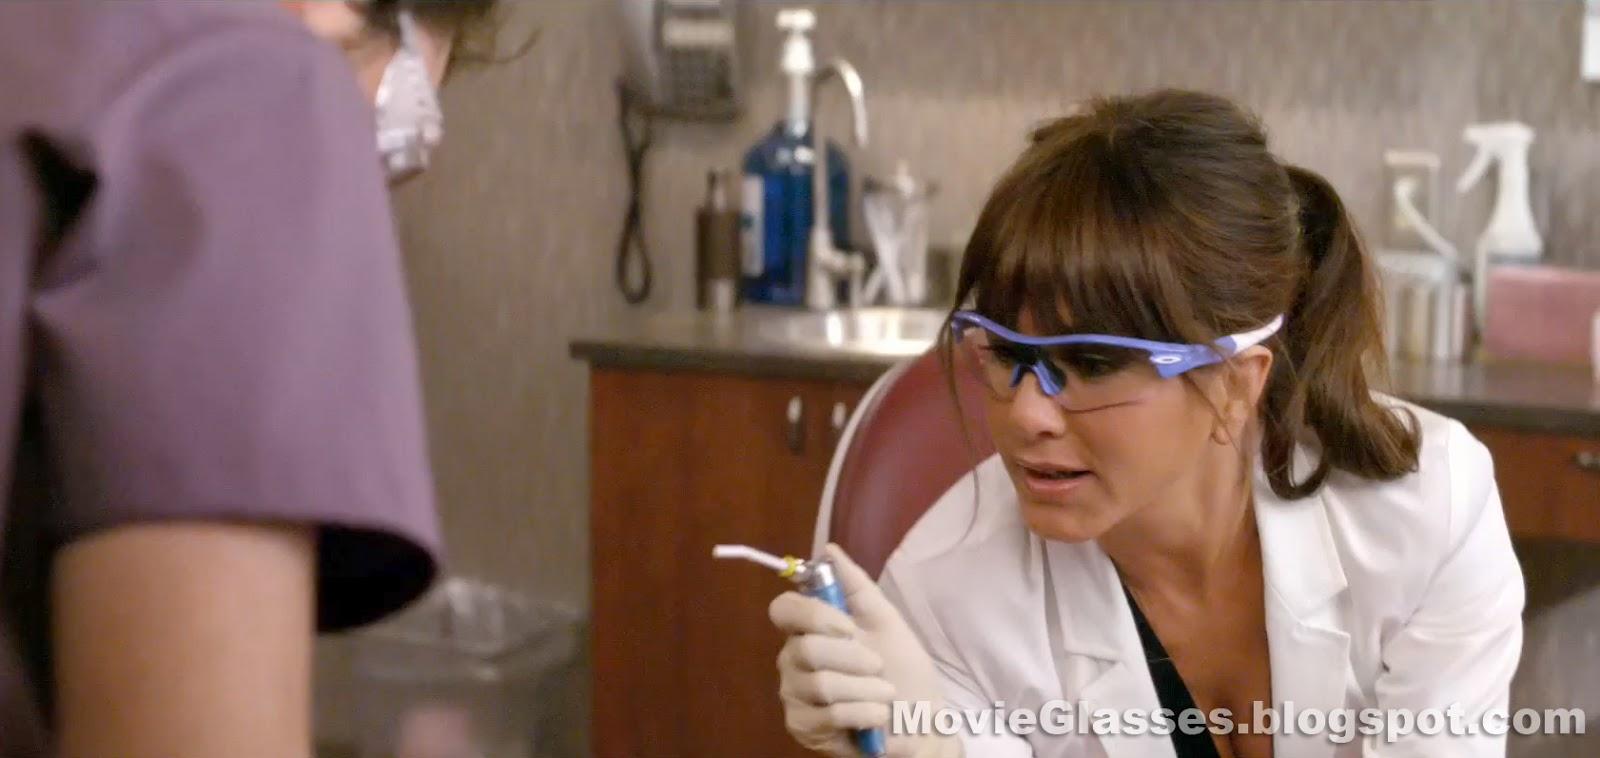 oakley radar safety glasses vd05  Jennifer Aniston in Horrible Bosses wearing Custom Oakley Radar Glasses